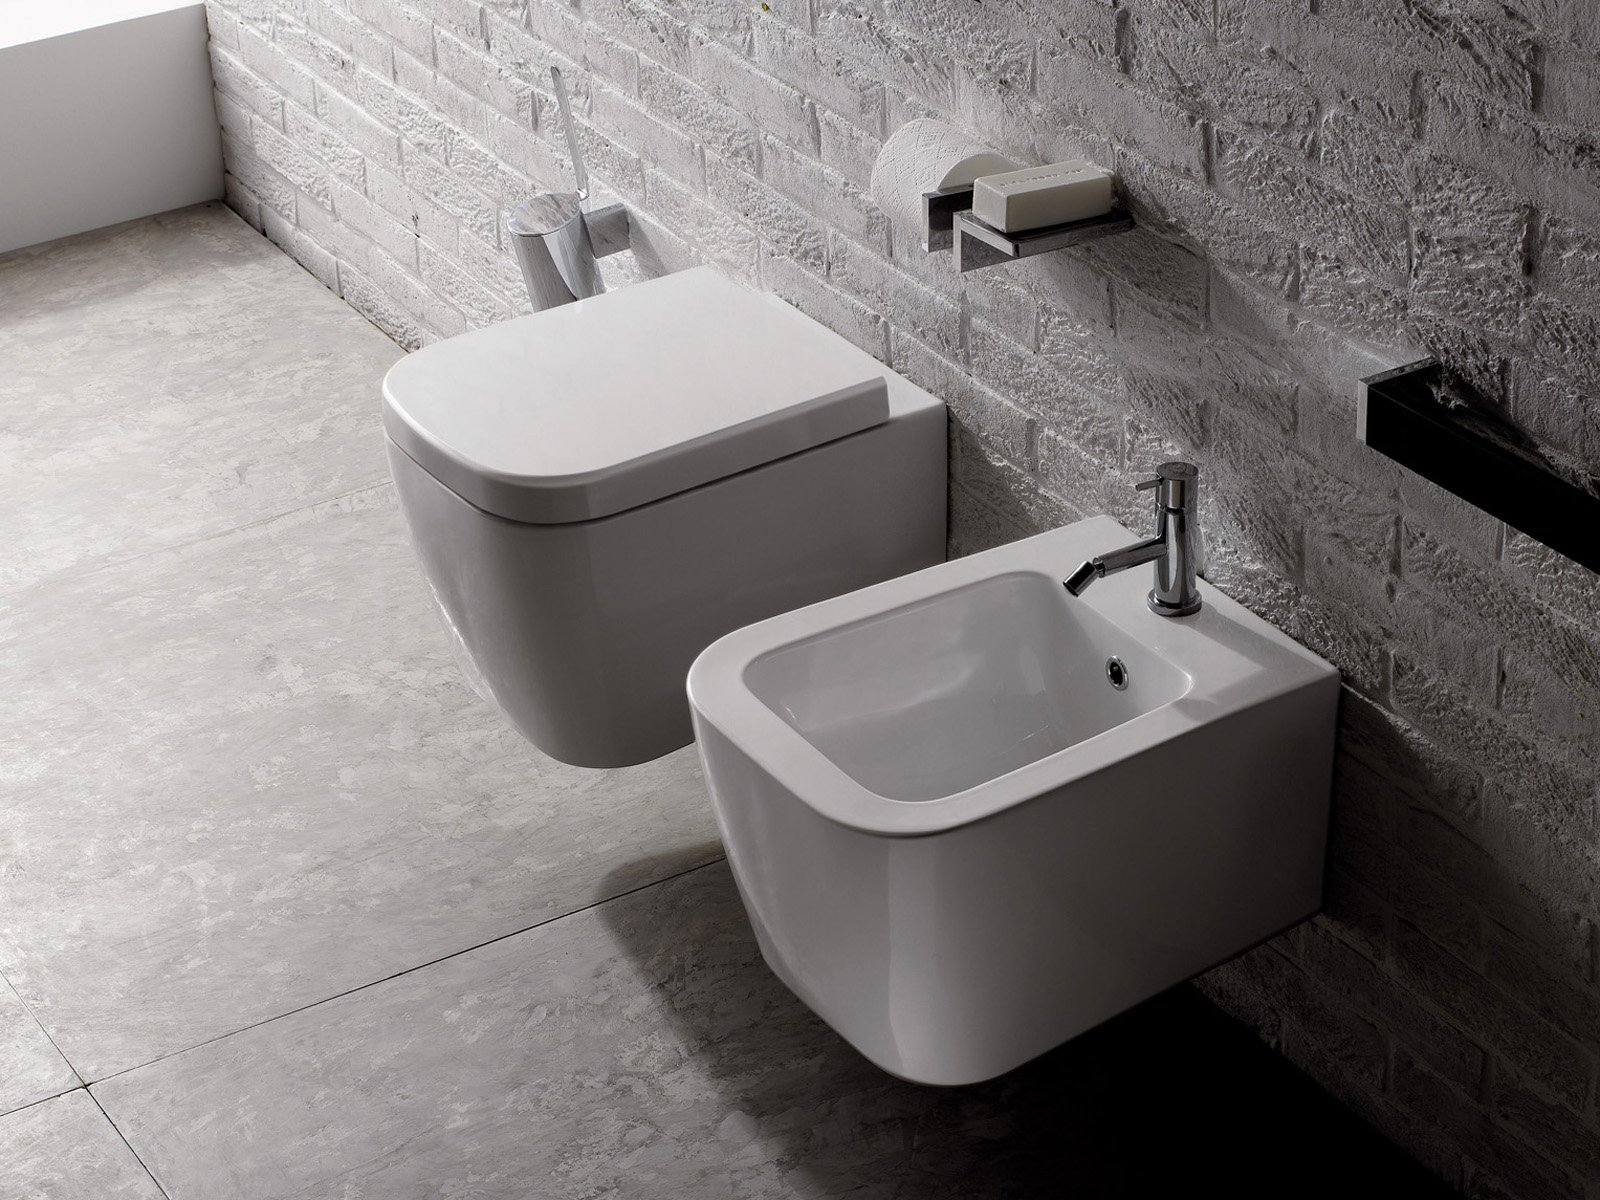 Soluzioni per il bagno piccolo cose di casa for Produttori sanitari bagno